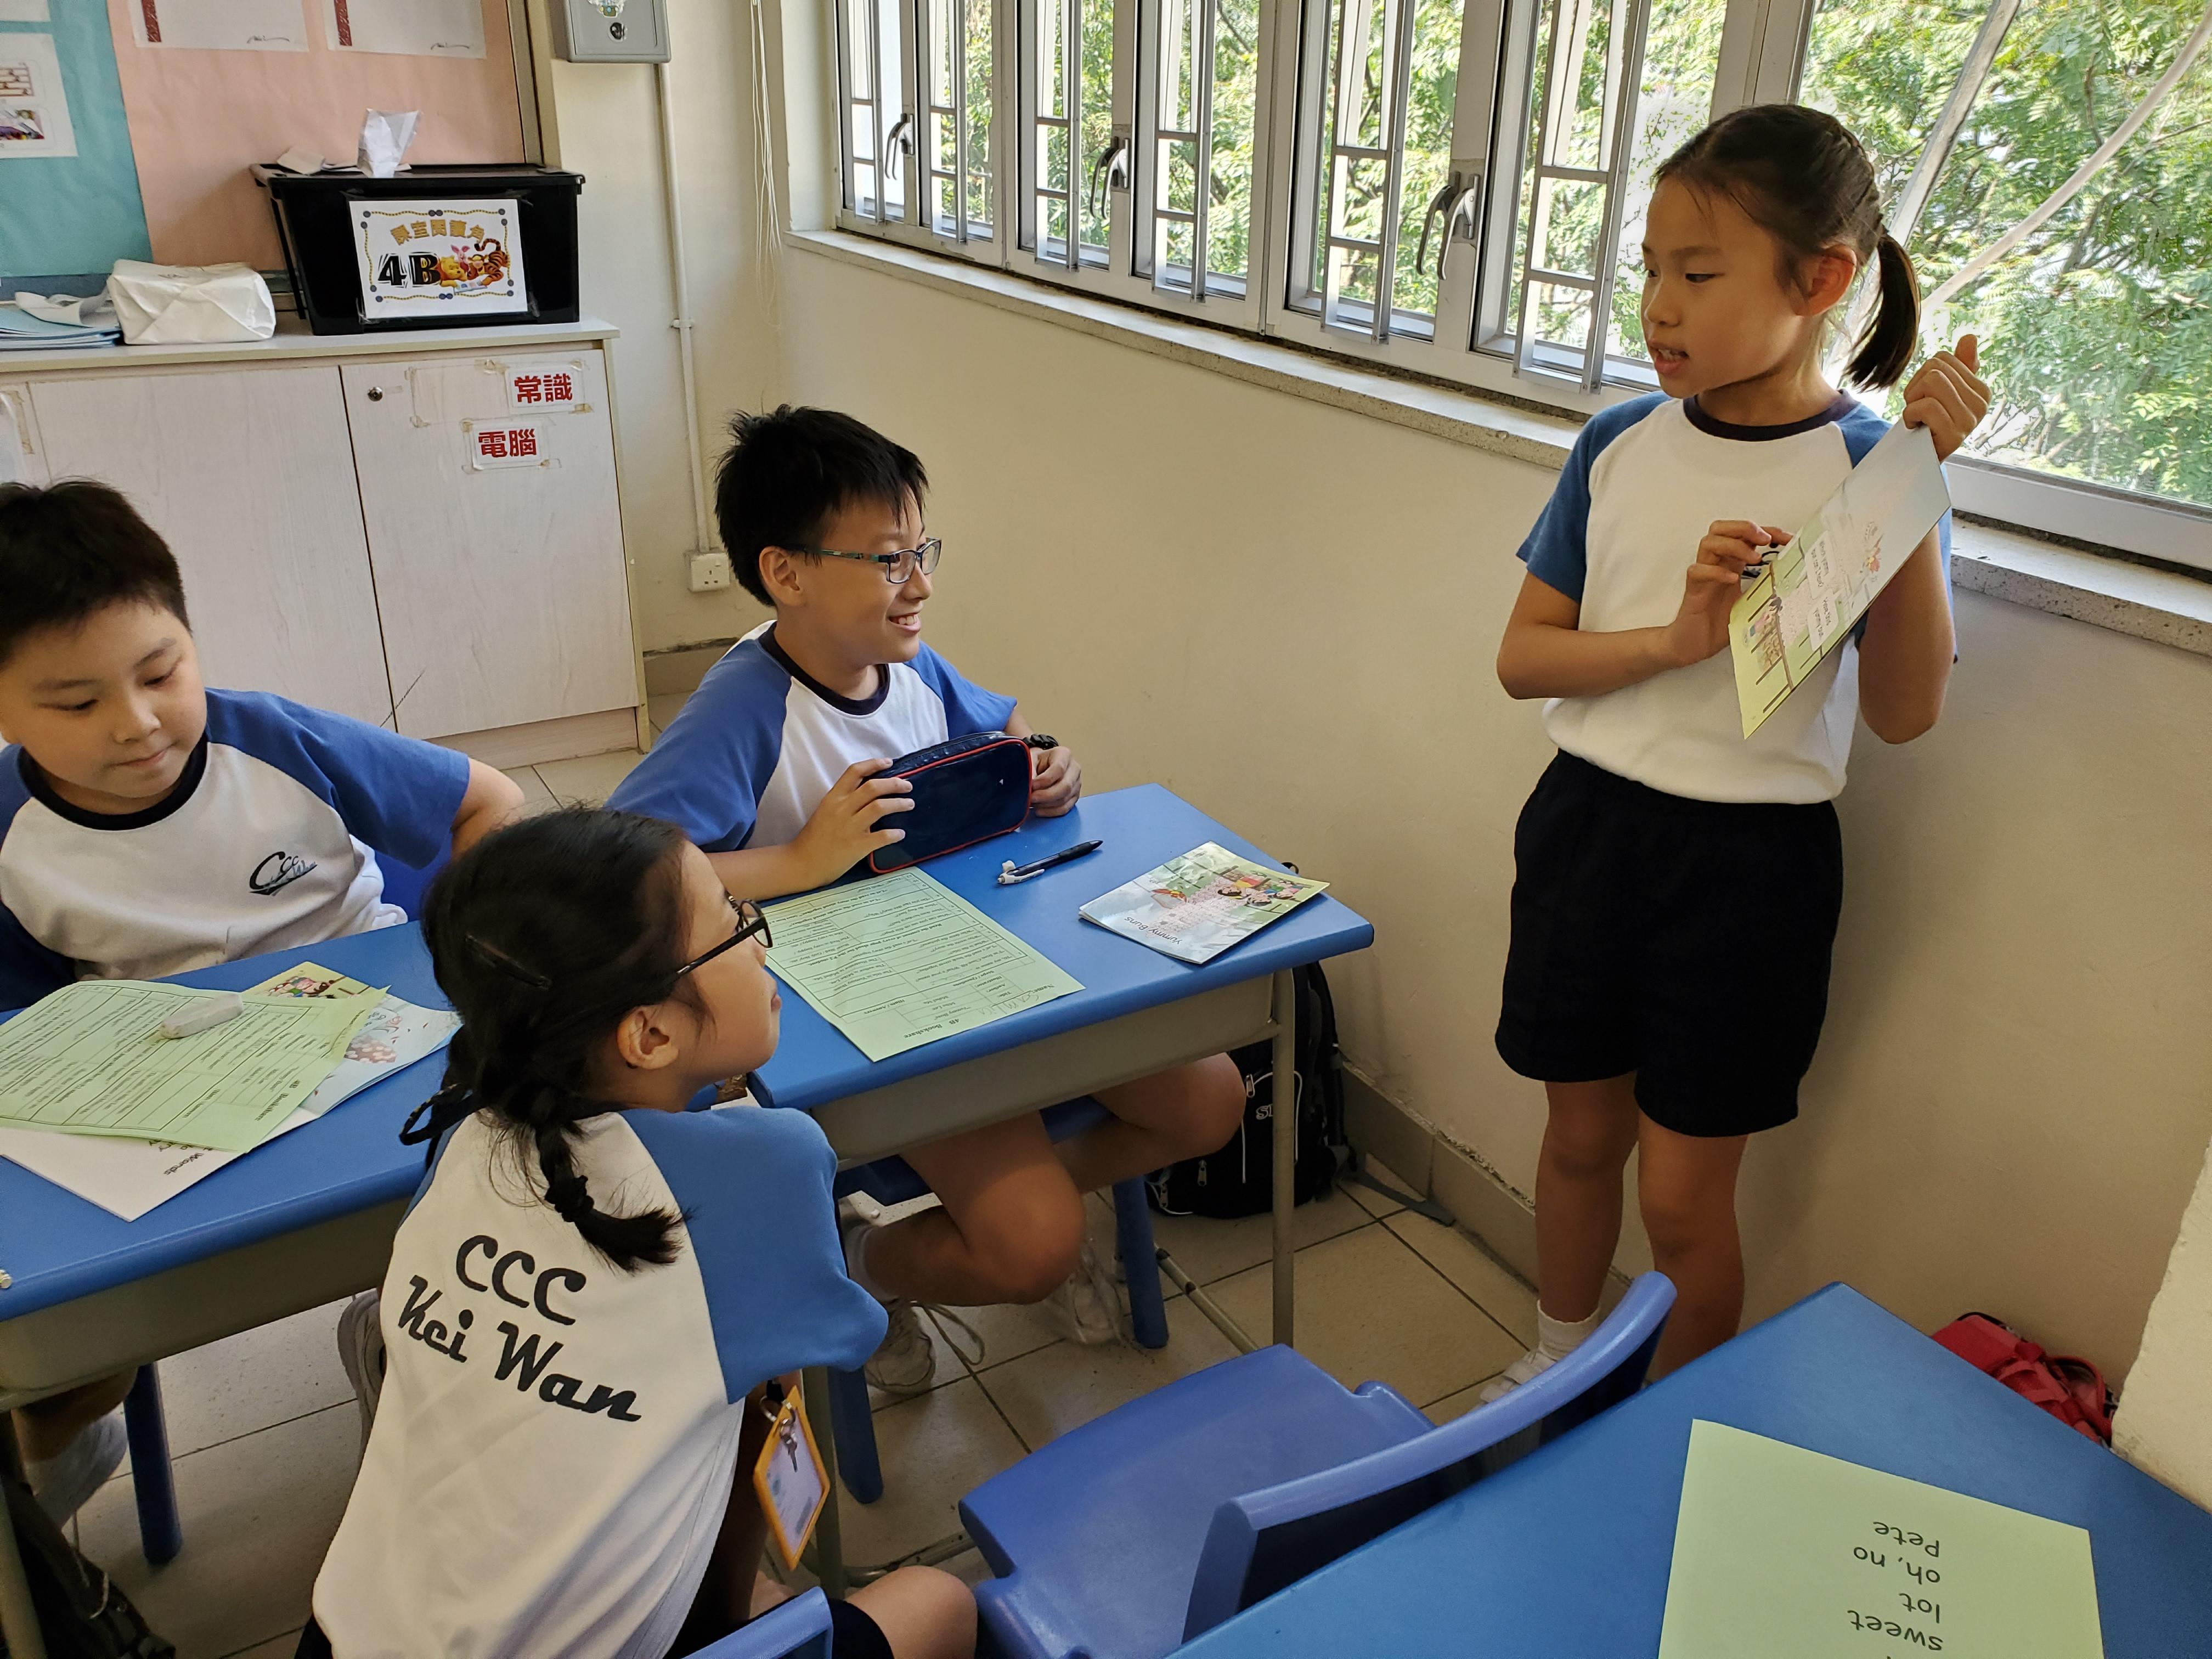 http://www.keiwan.edu.hk/sites/default/files/33_1.jpg